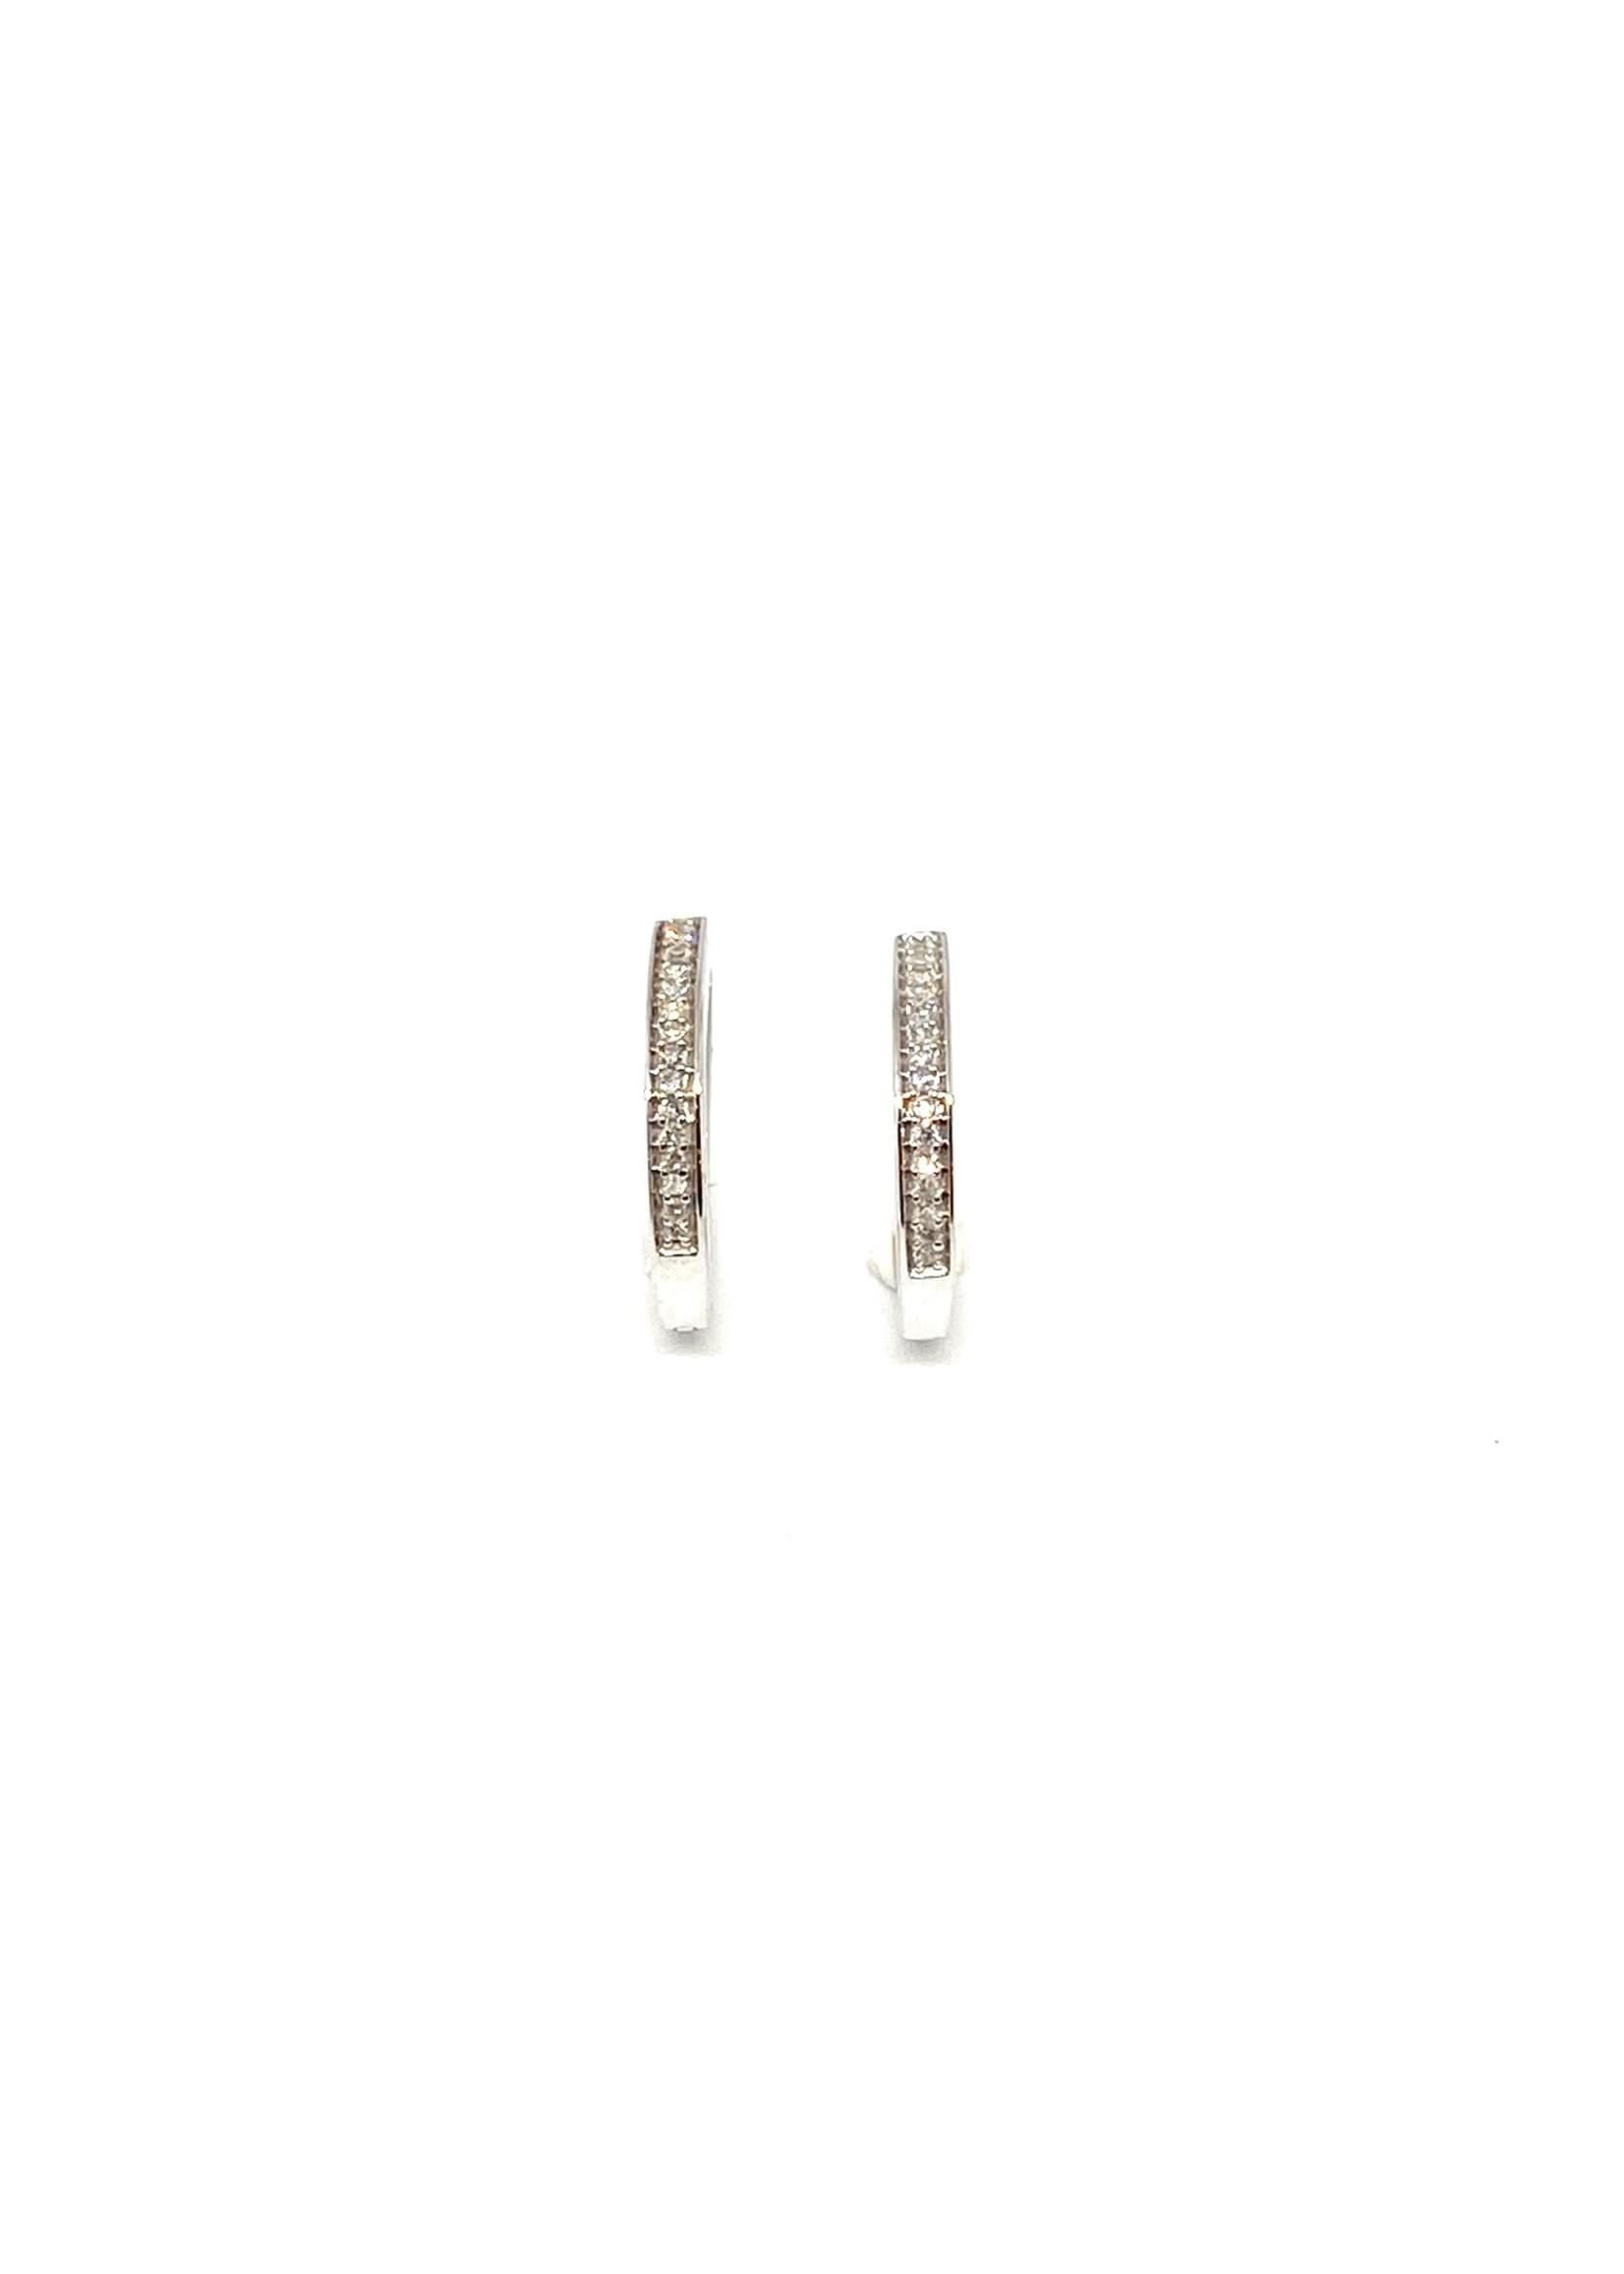 PARÉ Boucles d'oreilles Anneaux avec Diamants Or blanc 10K